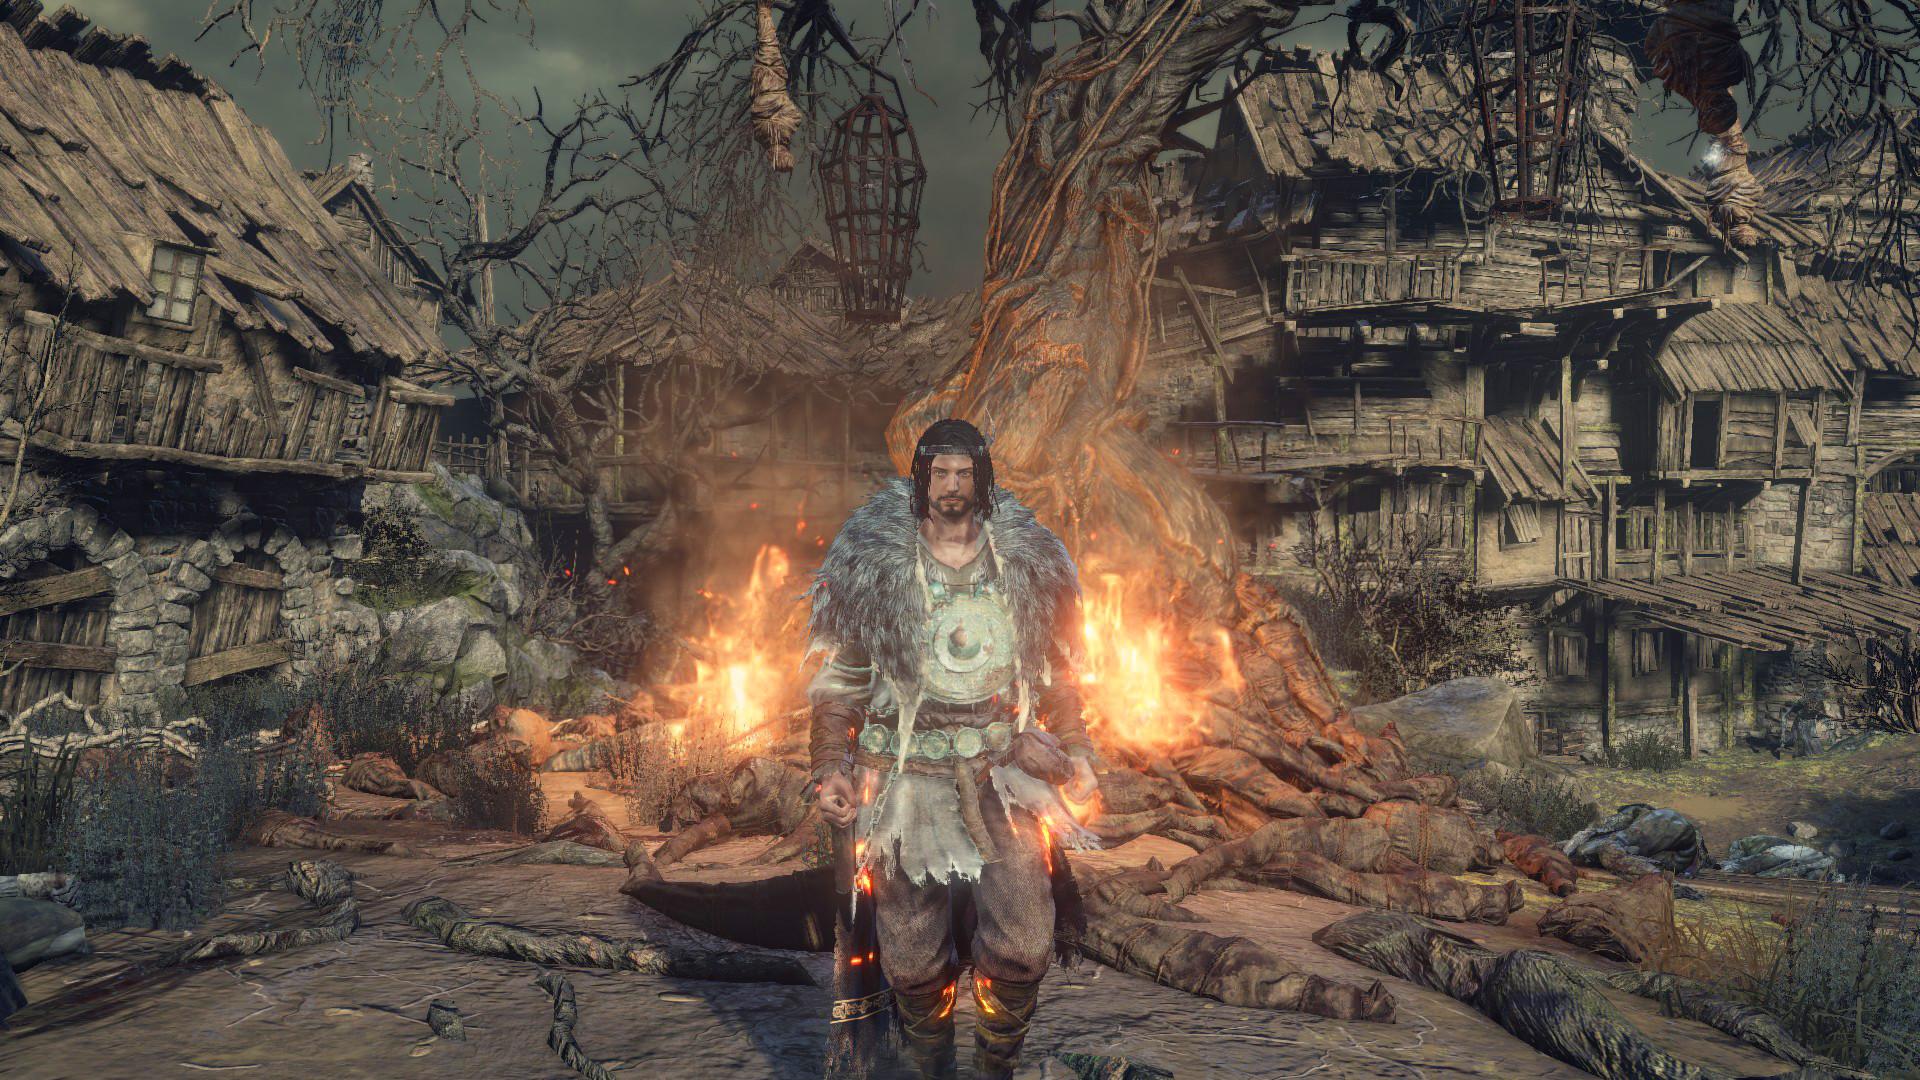 Wei Kang Lim - Dark Souls III - Pyromancer Armor Set